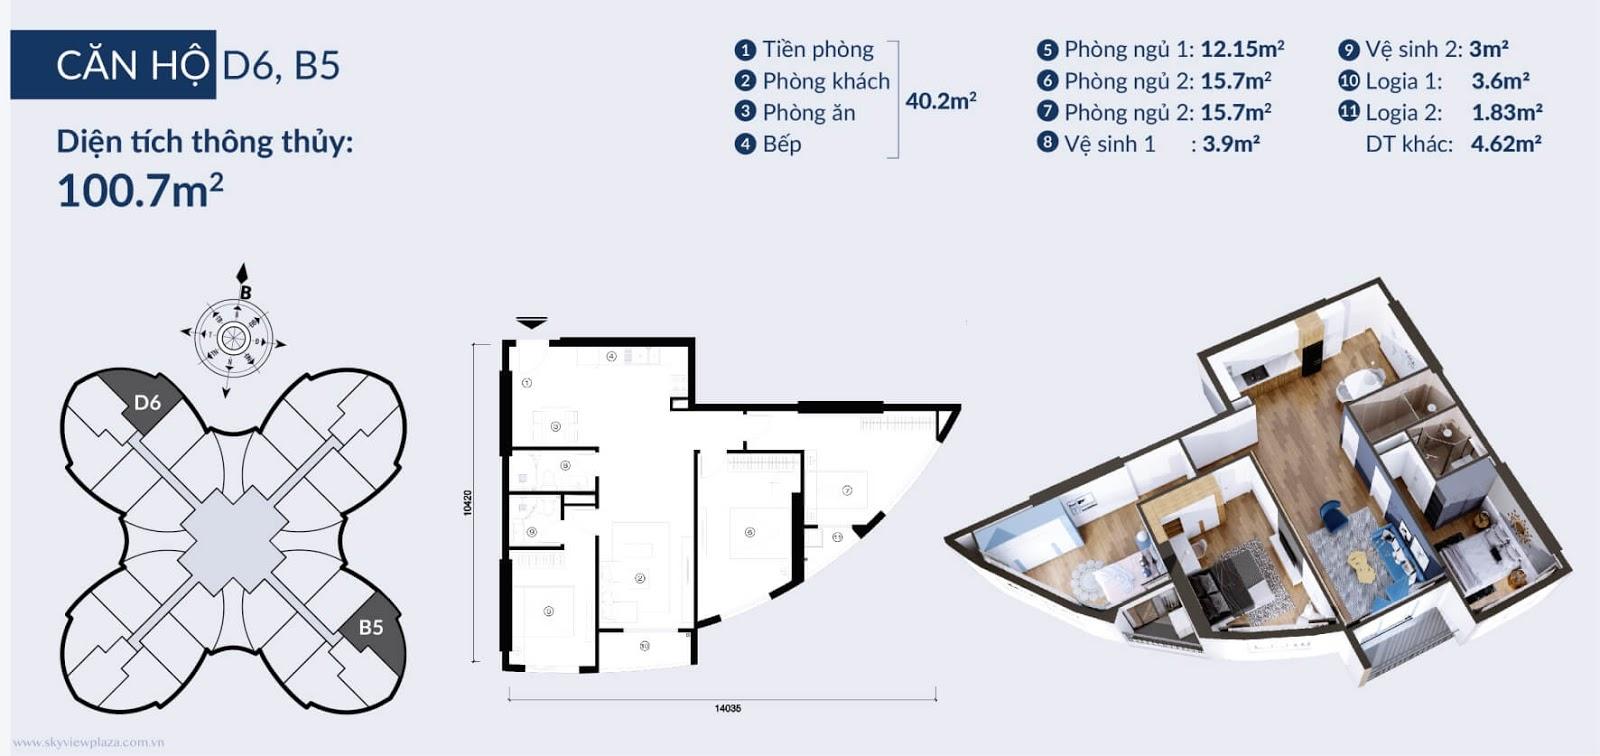 Chi tiết căn  D6 B5 dự án chung cư Sky View Plaza Giải Phóng